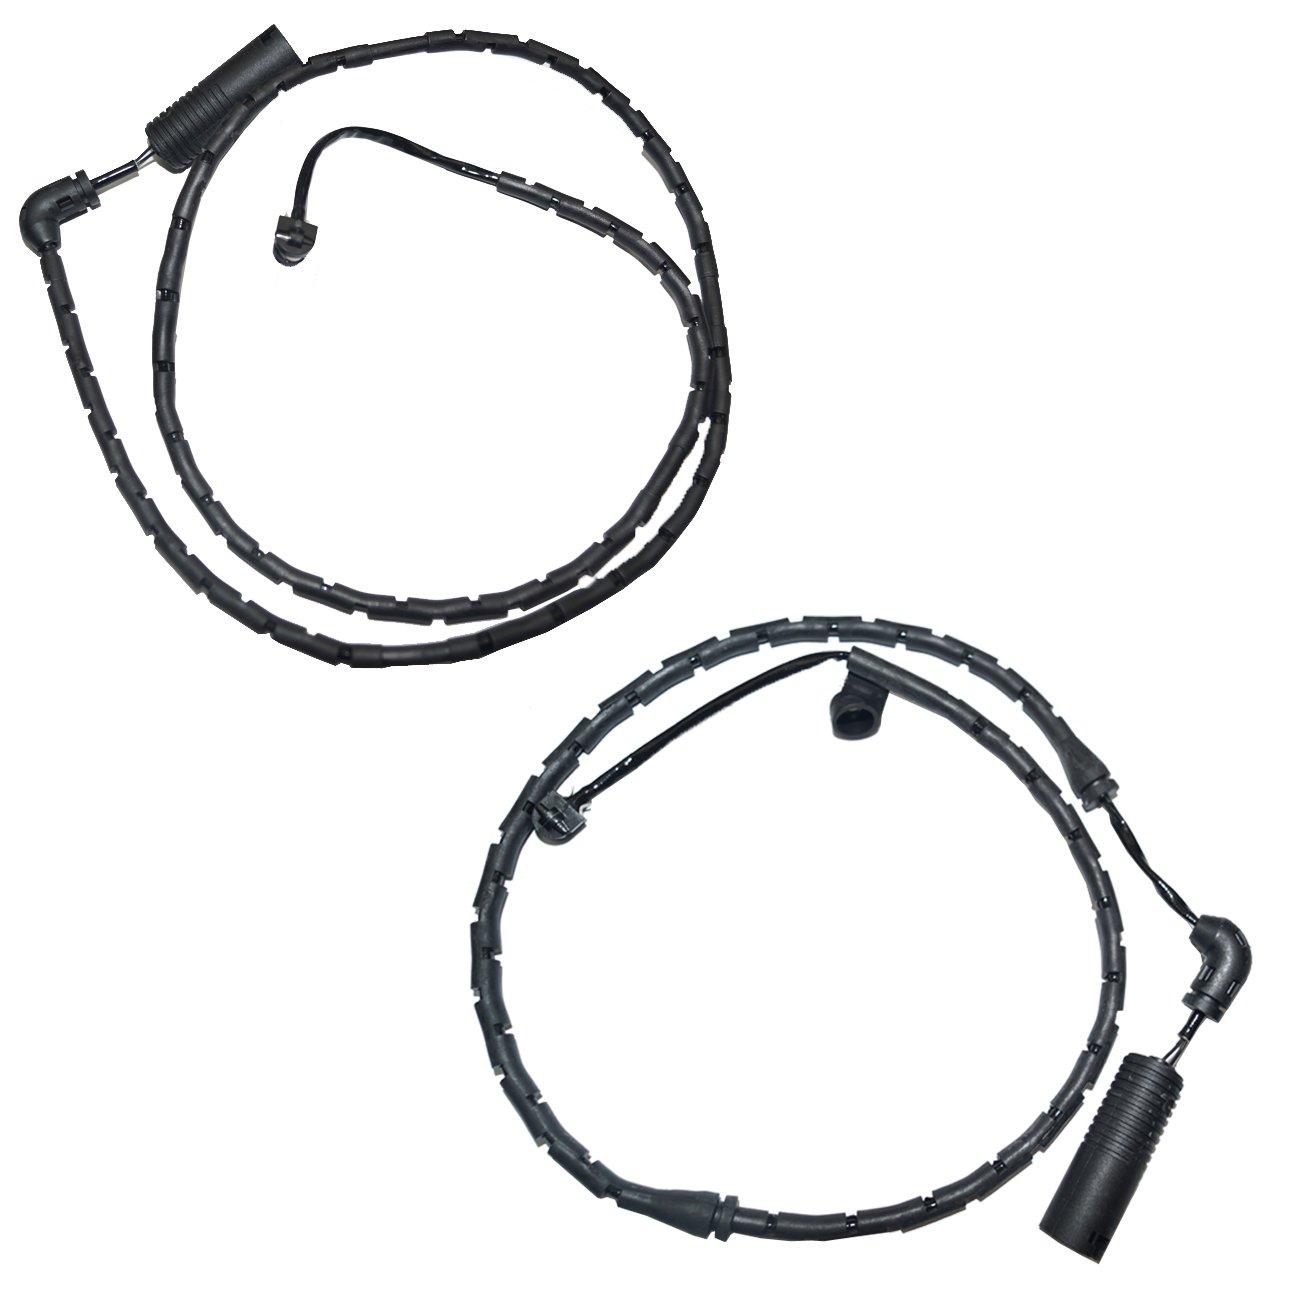 Bapmic Front + Rear Brake Pad Wear Sensor for BMW E83 X 3 2004-2010